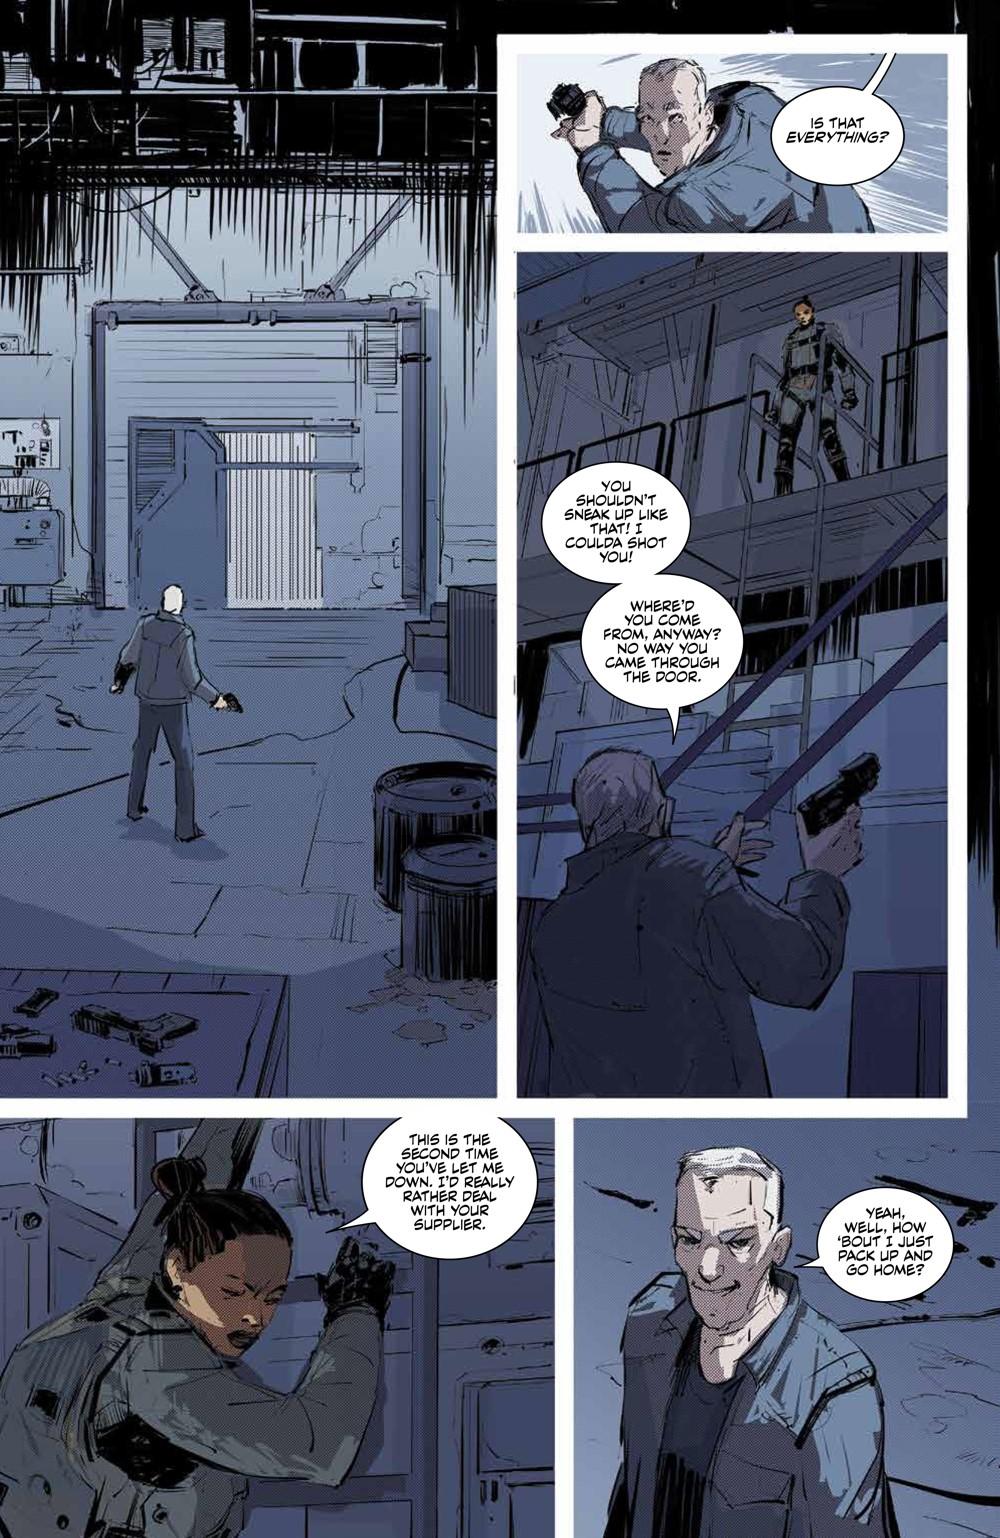 Expanse_SC_PRESS_23 ComicList Previews: THE EXPANSE TP